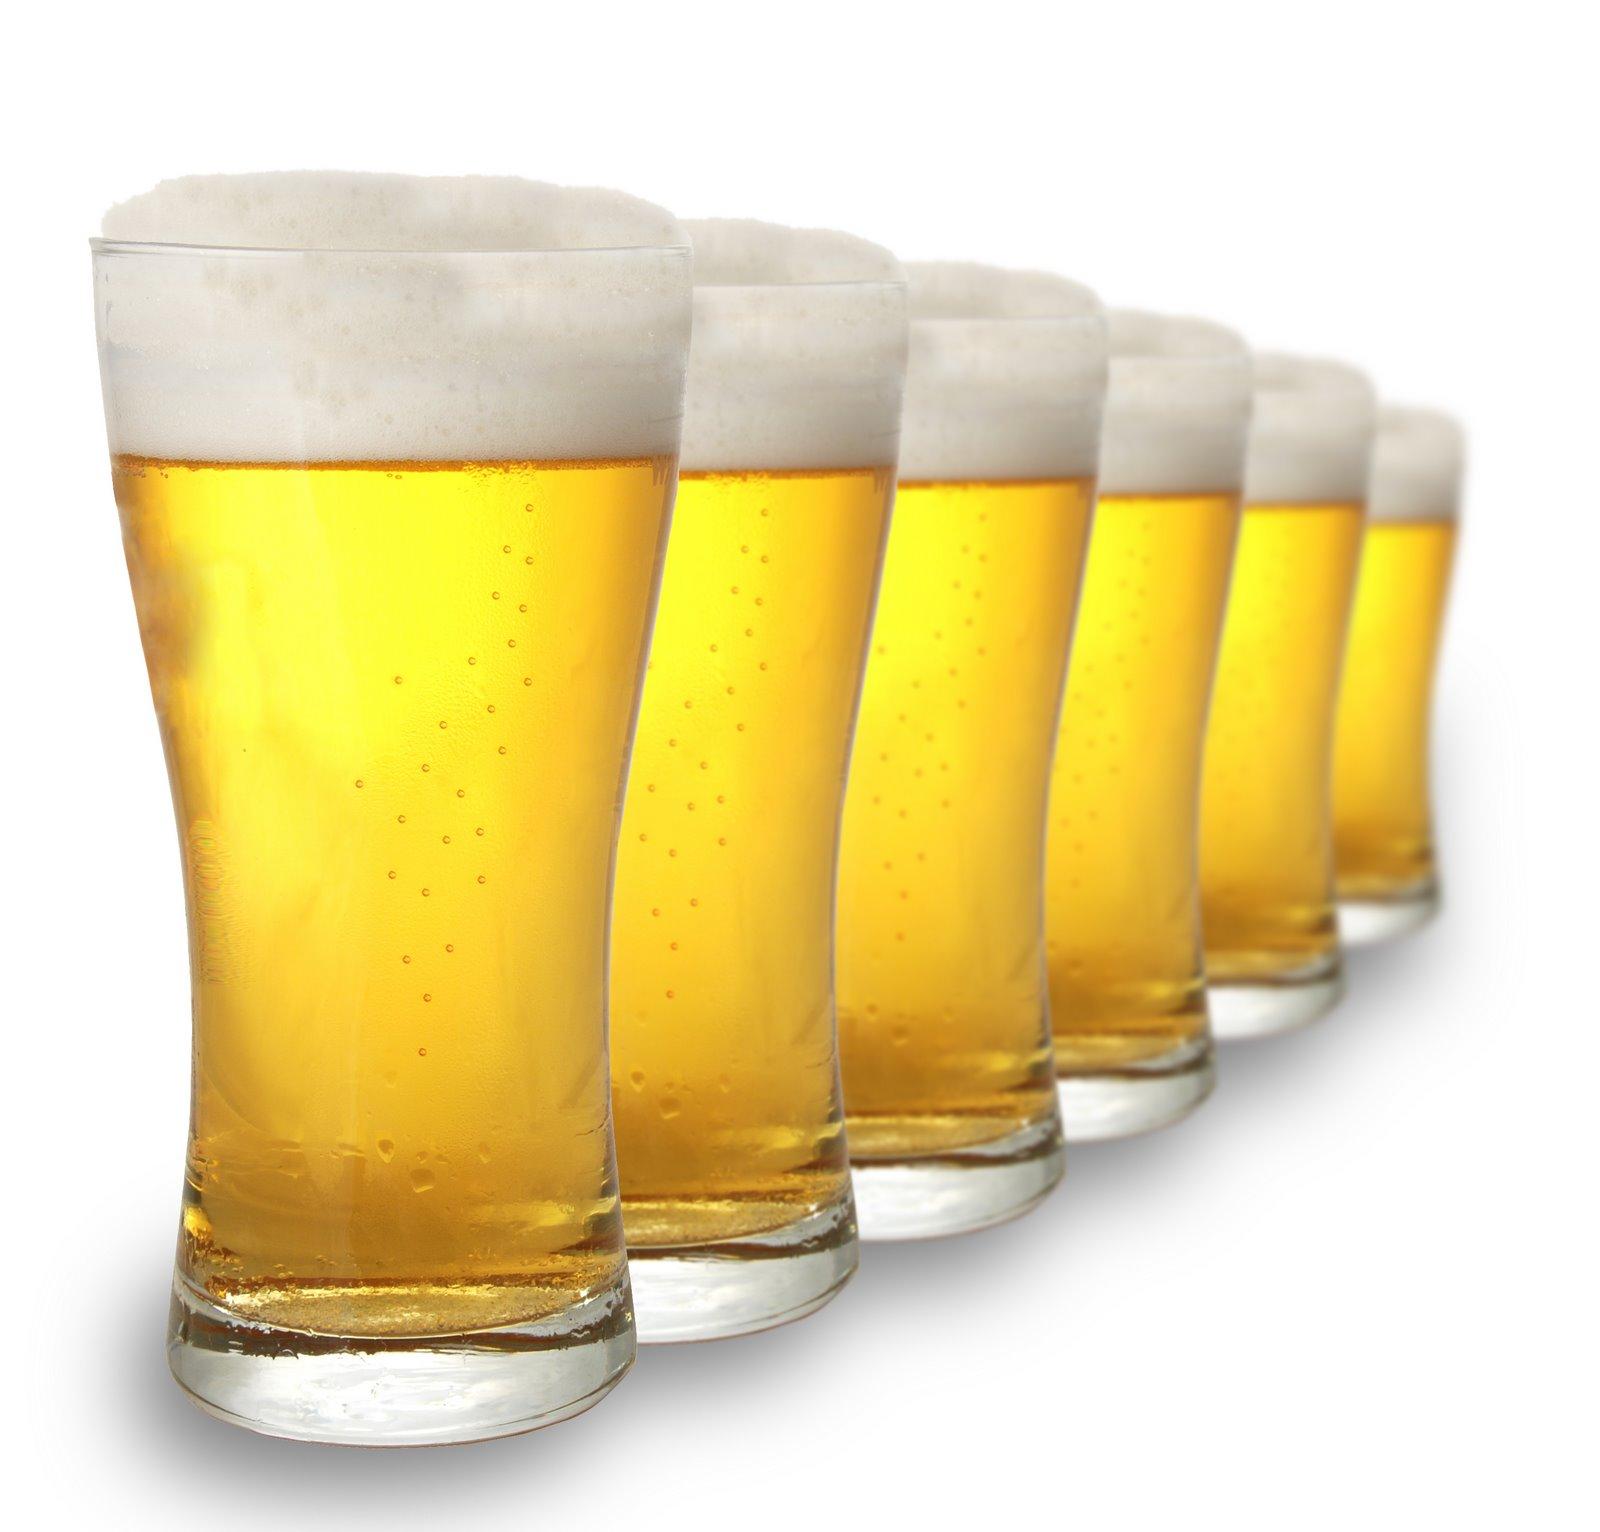 Belgische brouwers, bier, meer bier, campagne, biercampagne, drink meer bier, VLAM